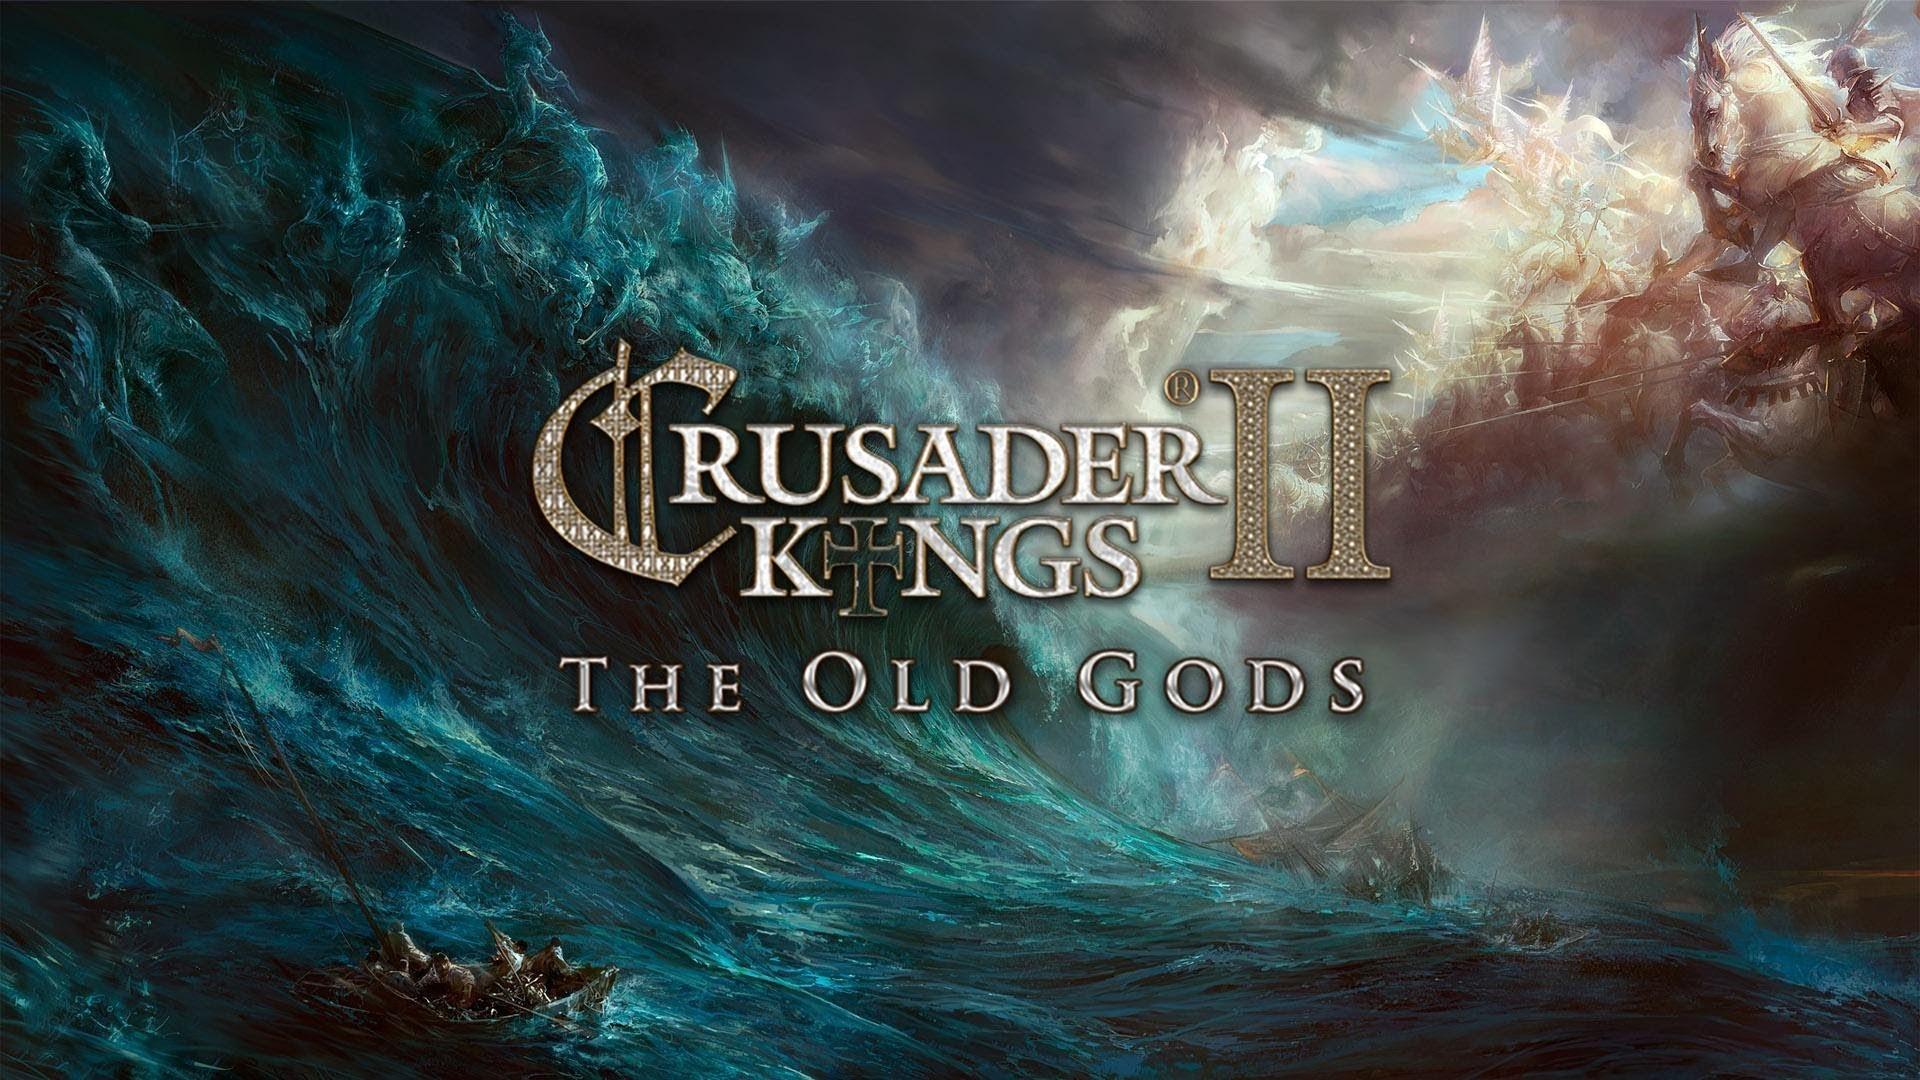 Халява: для Crusader Kings 2 бесплатно раздают DLC про викингов